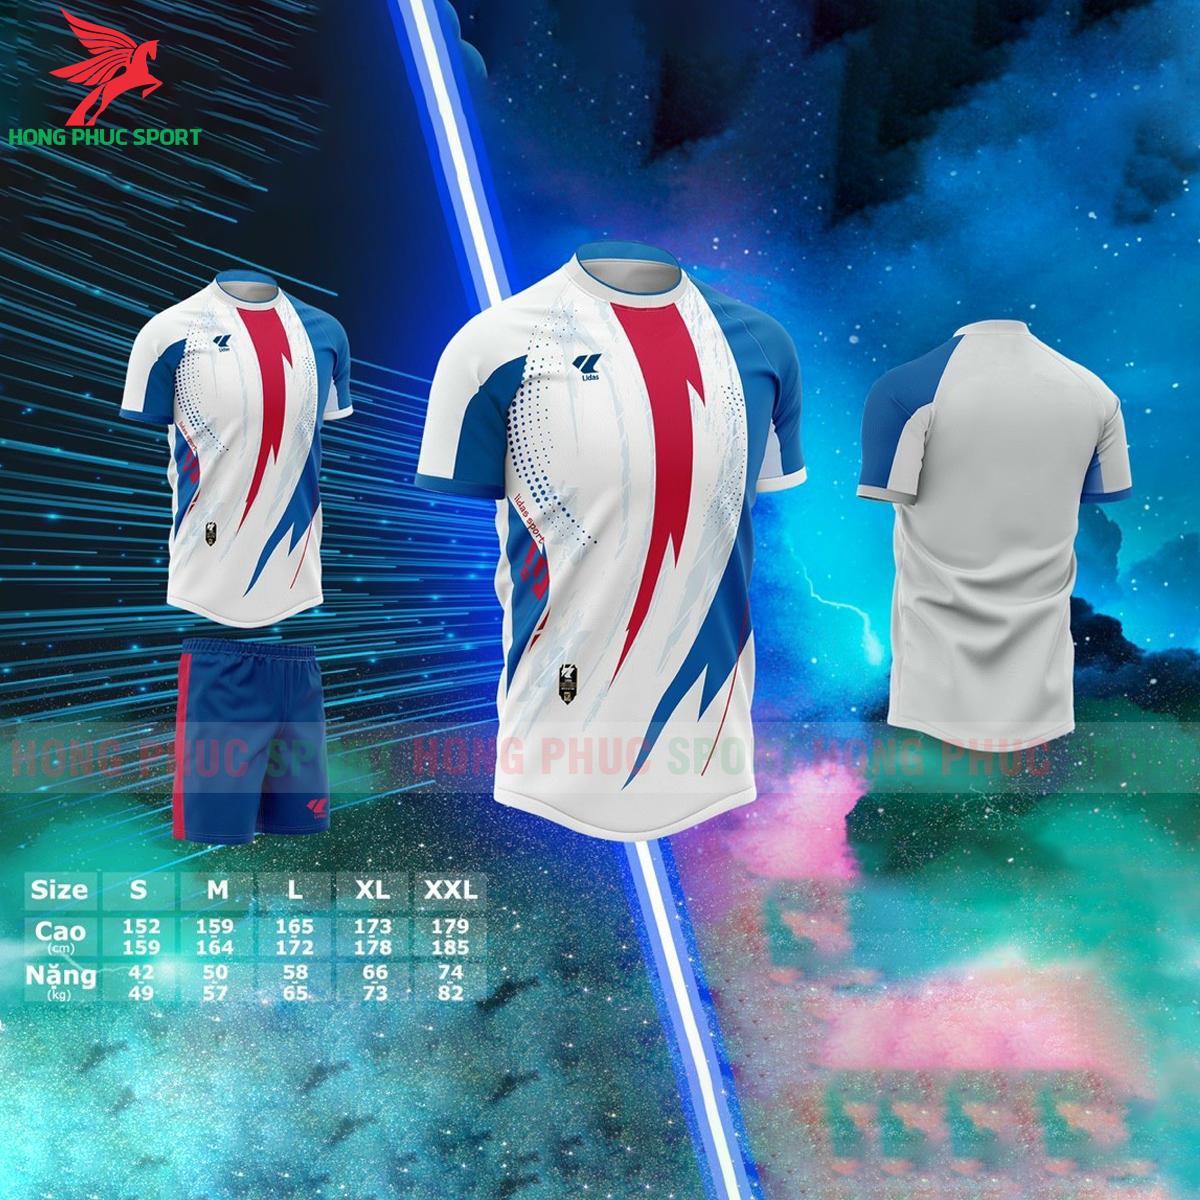 Áo bóng đá không logo Lidas Passionmàu xanh phối đỏ